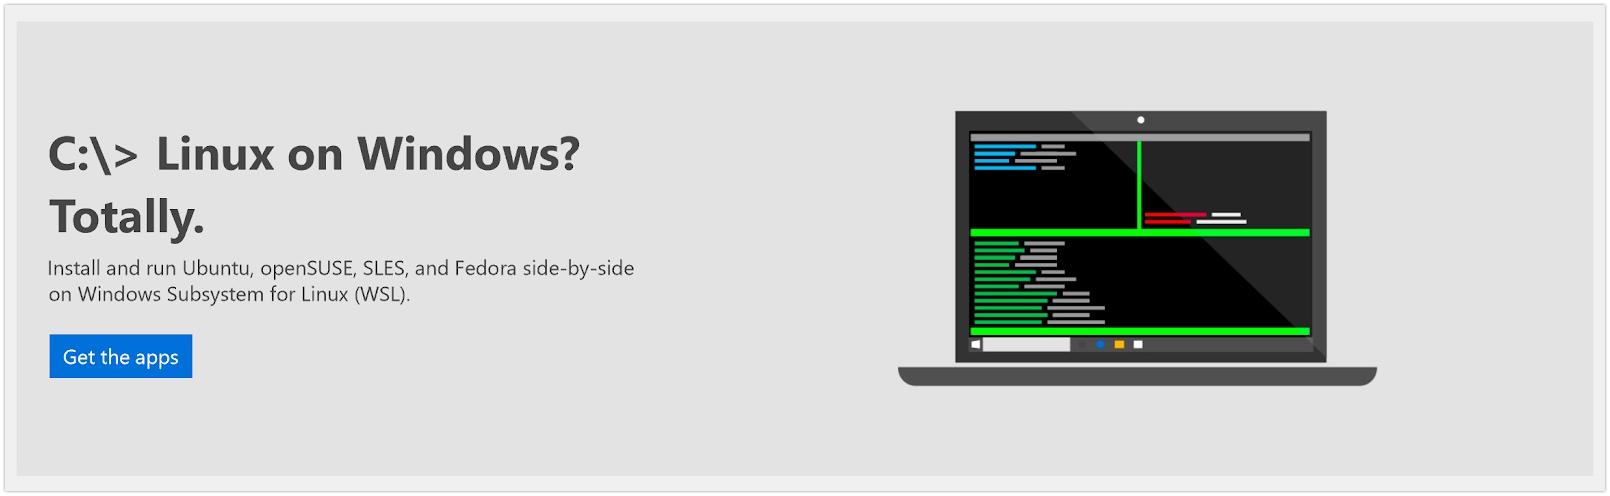 如何在 Windows 10 上开启 Linux子系统如何在 Windows 10 上开启 Linux子系统